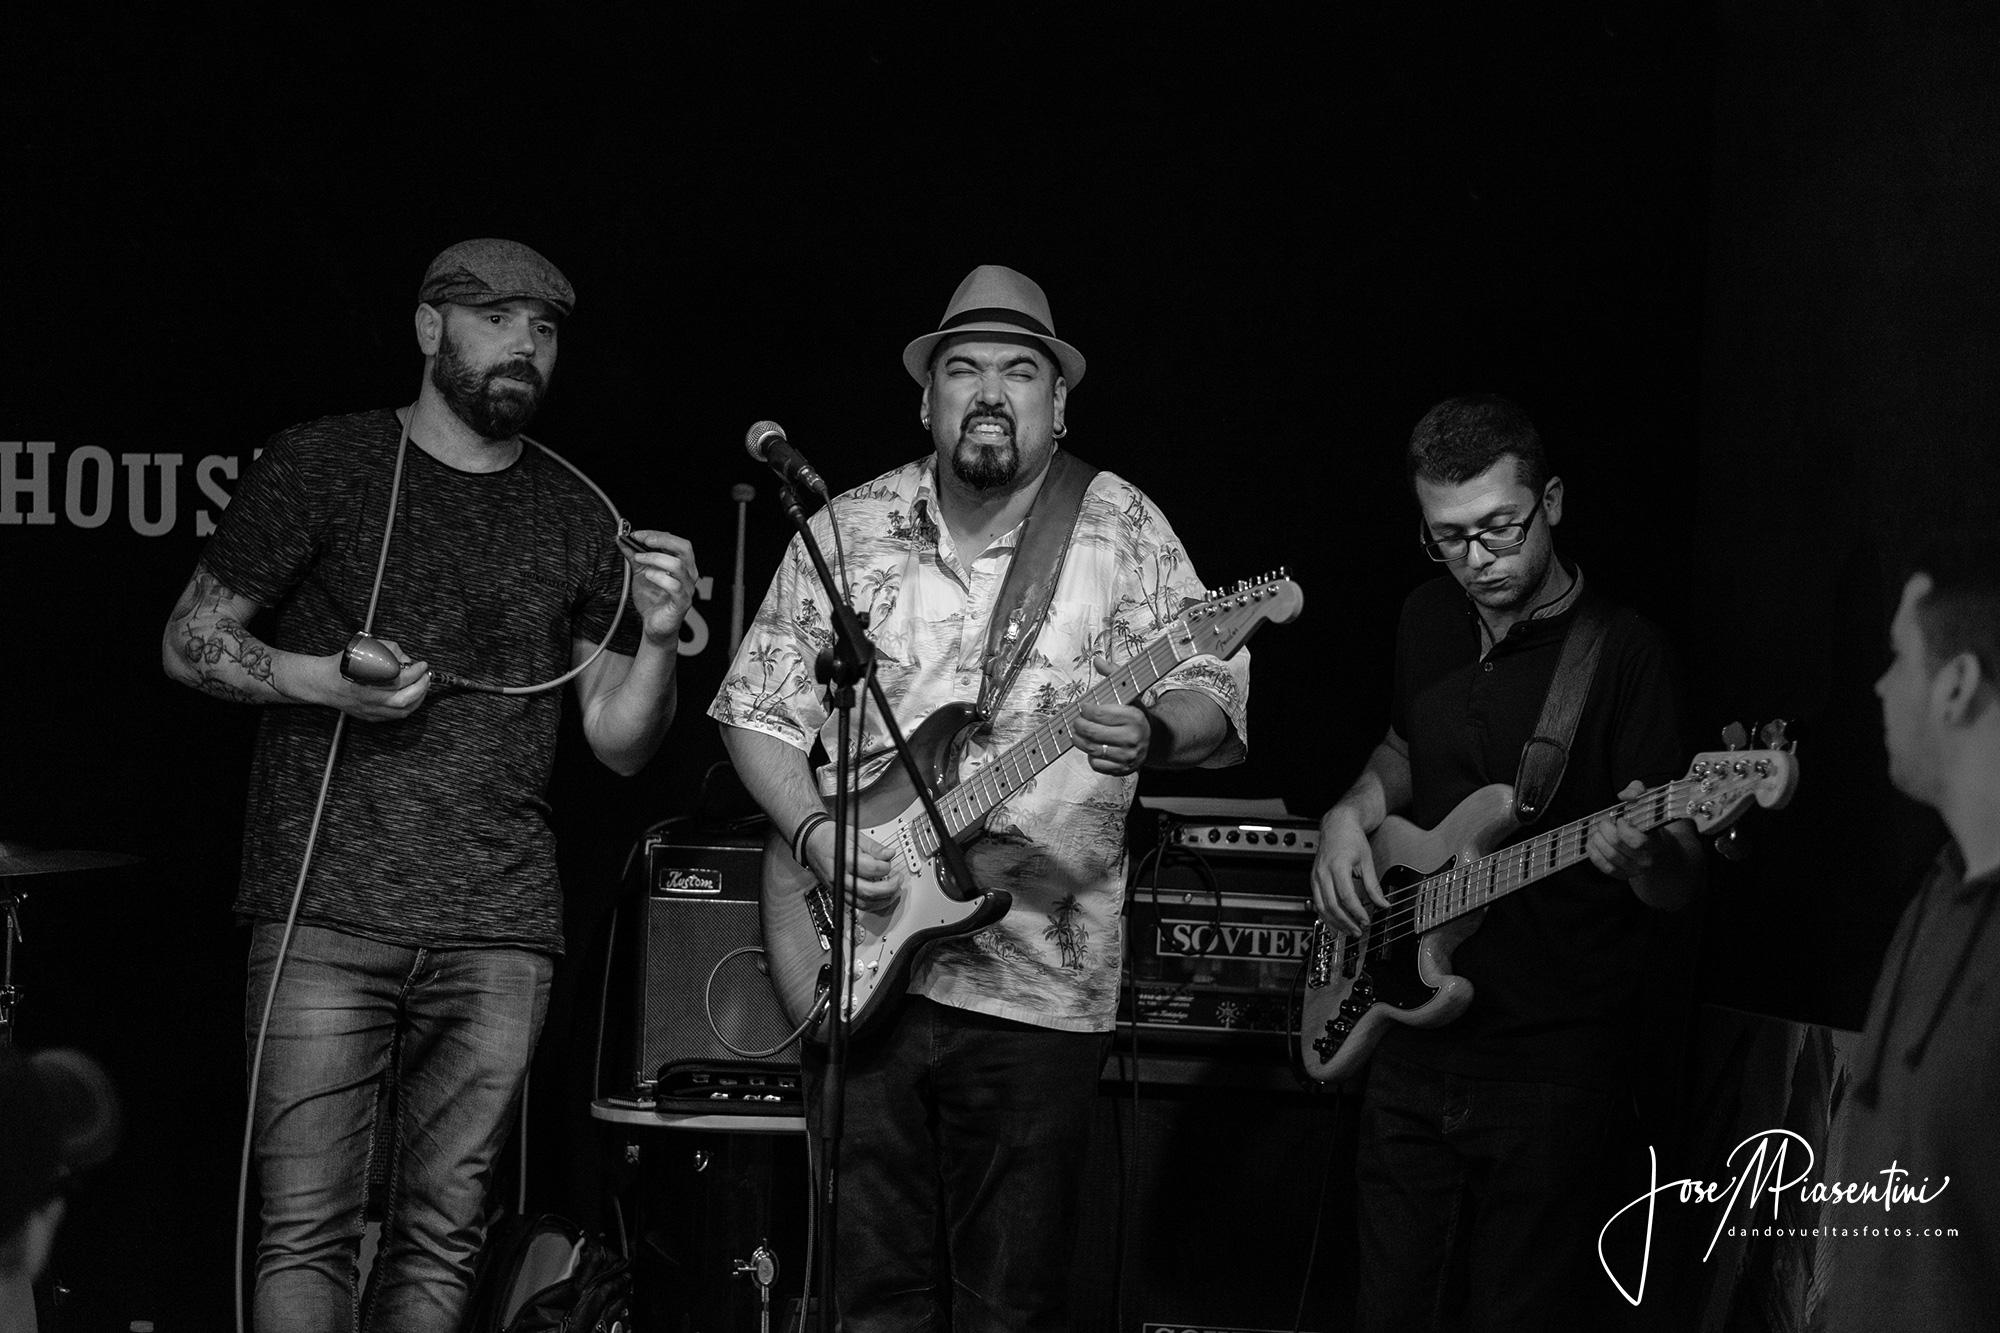 PauldeVille y Guille Stringa - Jam session